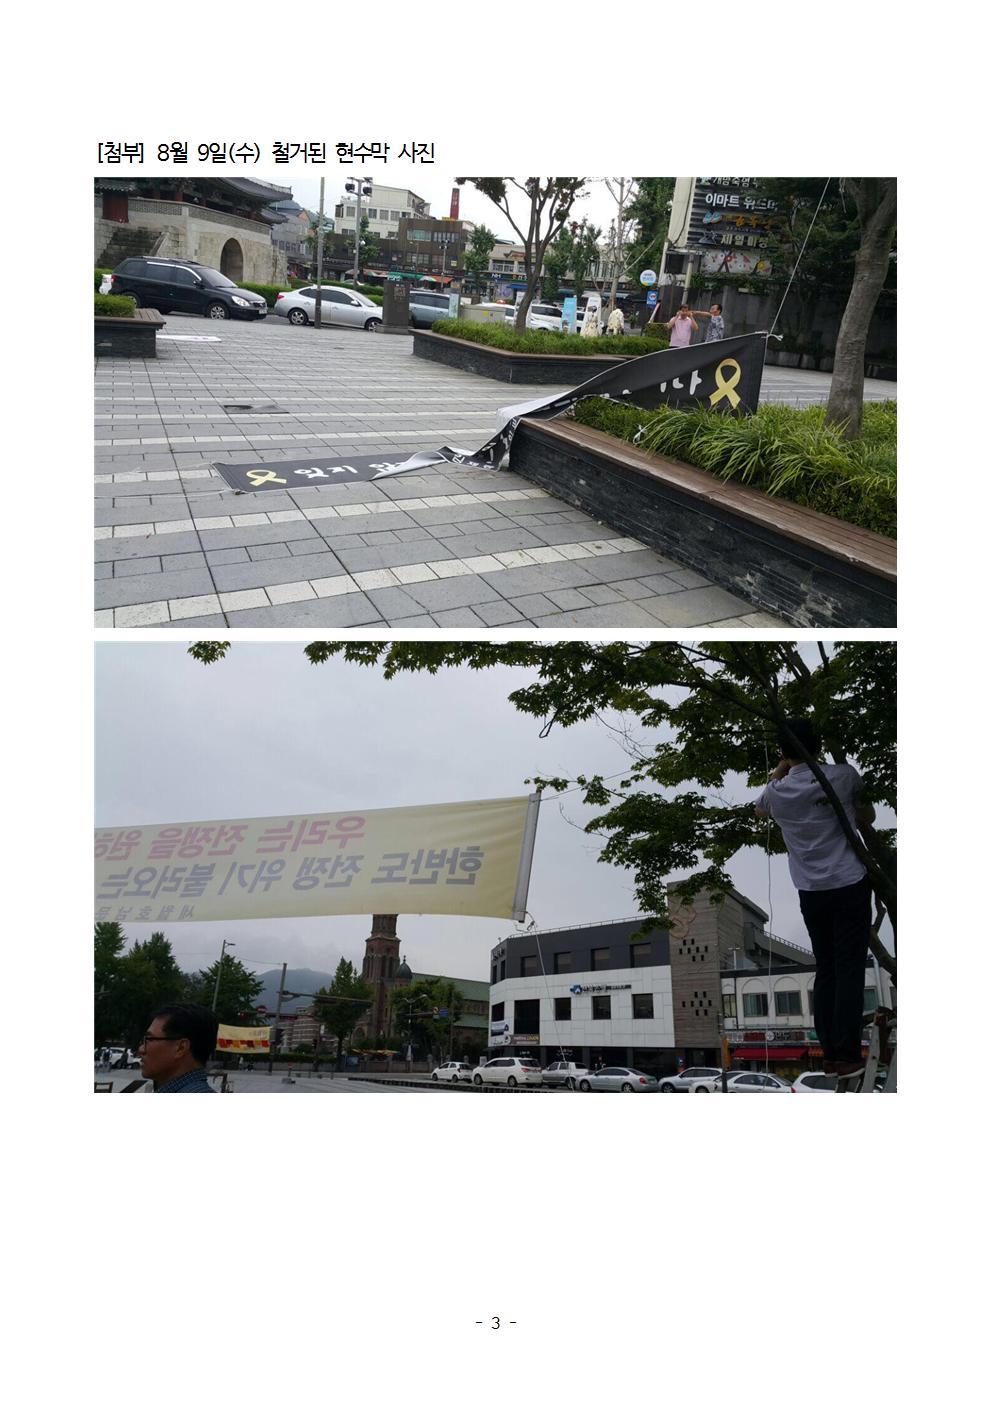 [기자회견 보도요청] 2017.8.11.10시 전주시청 정문 앞_세월호남문농성장003.jpg